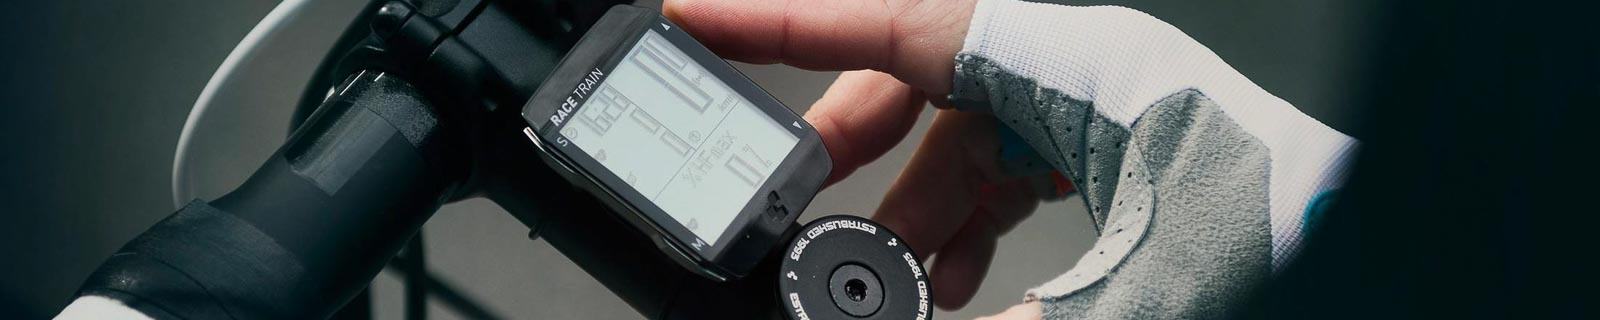 Computer / Tachimetro per biciclette